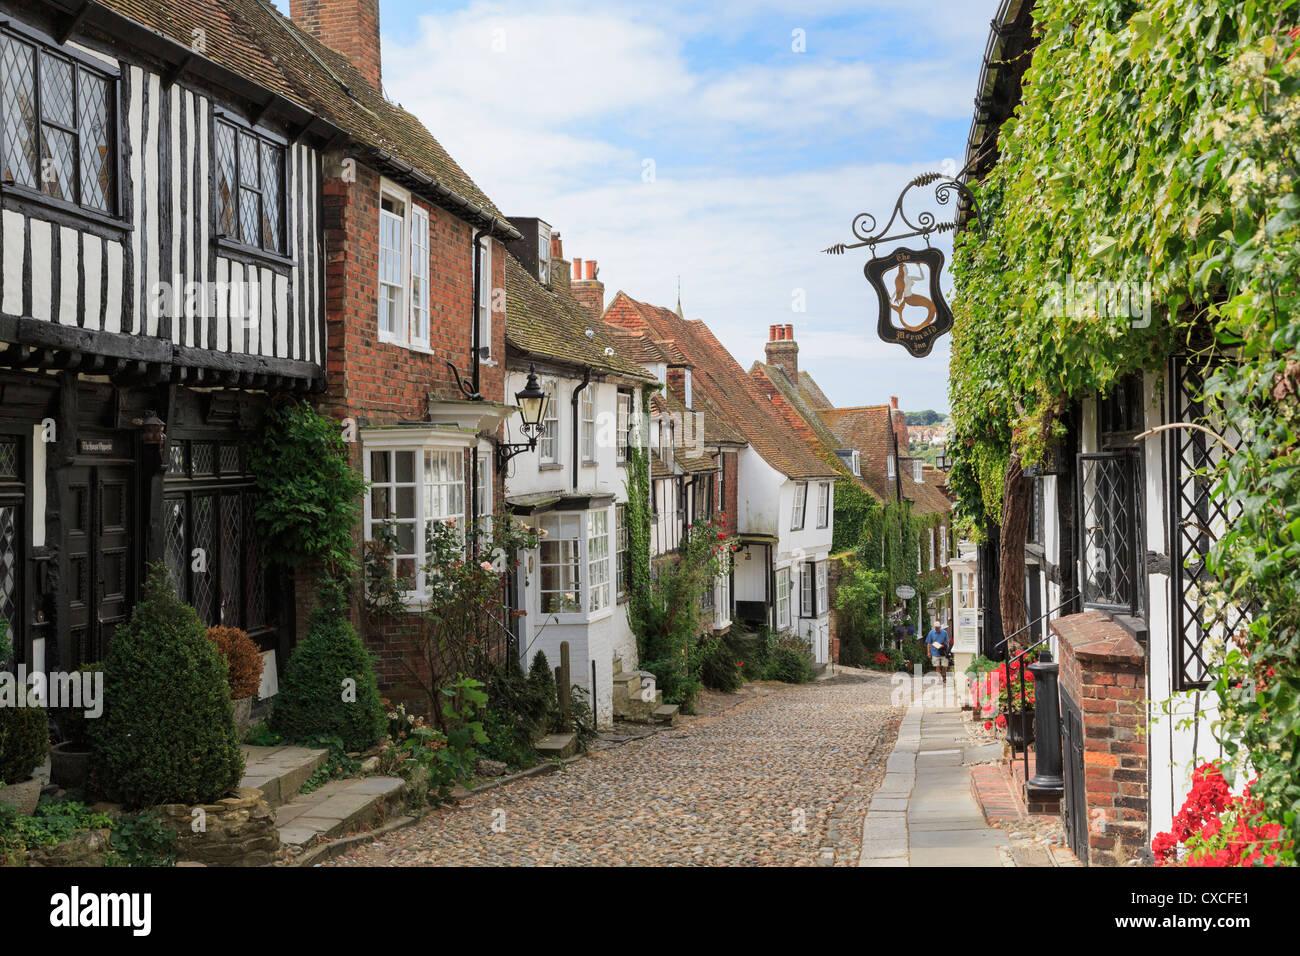 Célèbre, rue pavées étroites avec des maisons anciennes et pittoresques inn dans Cinque Port Photo Stock